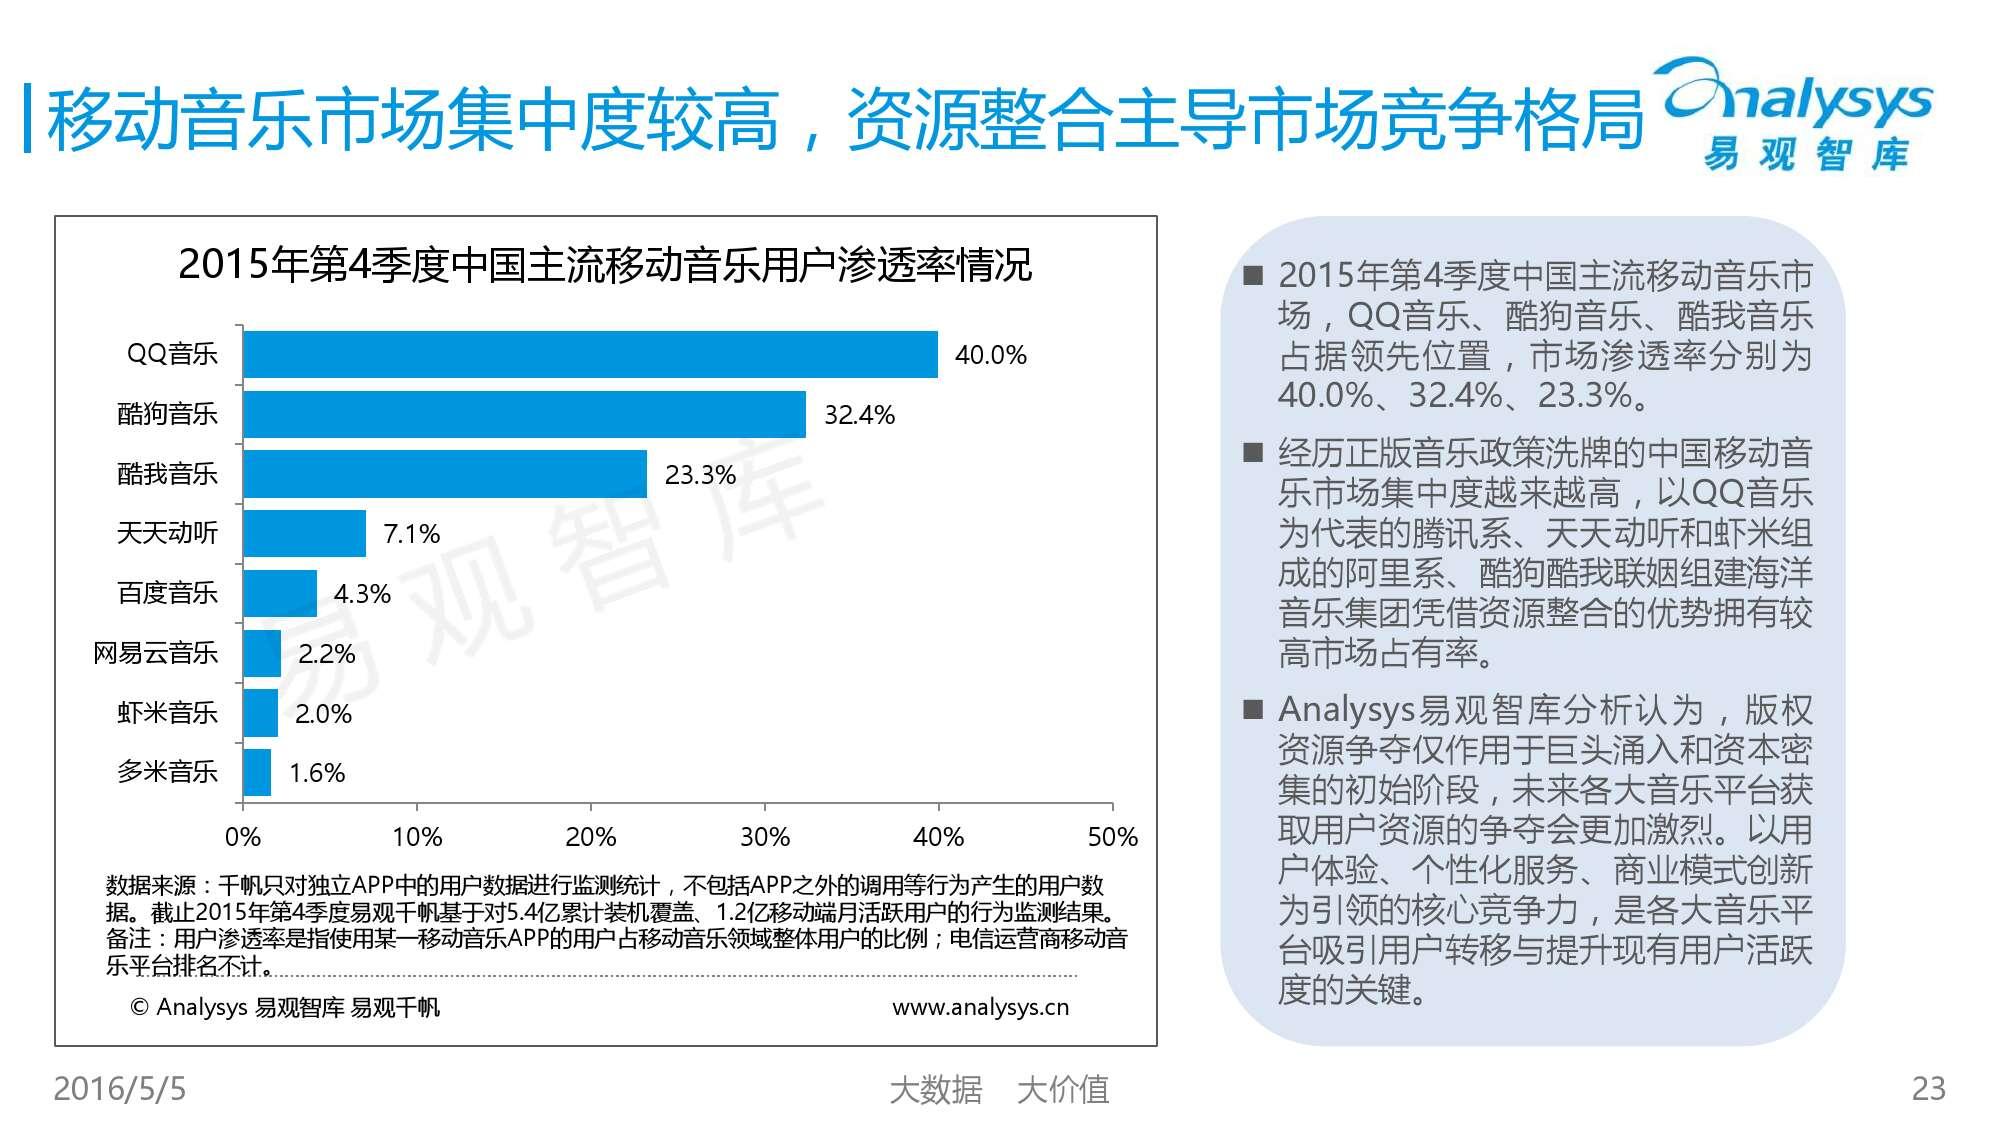 2016中国移动音乐市场年度综合报告_000023